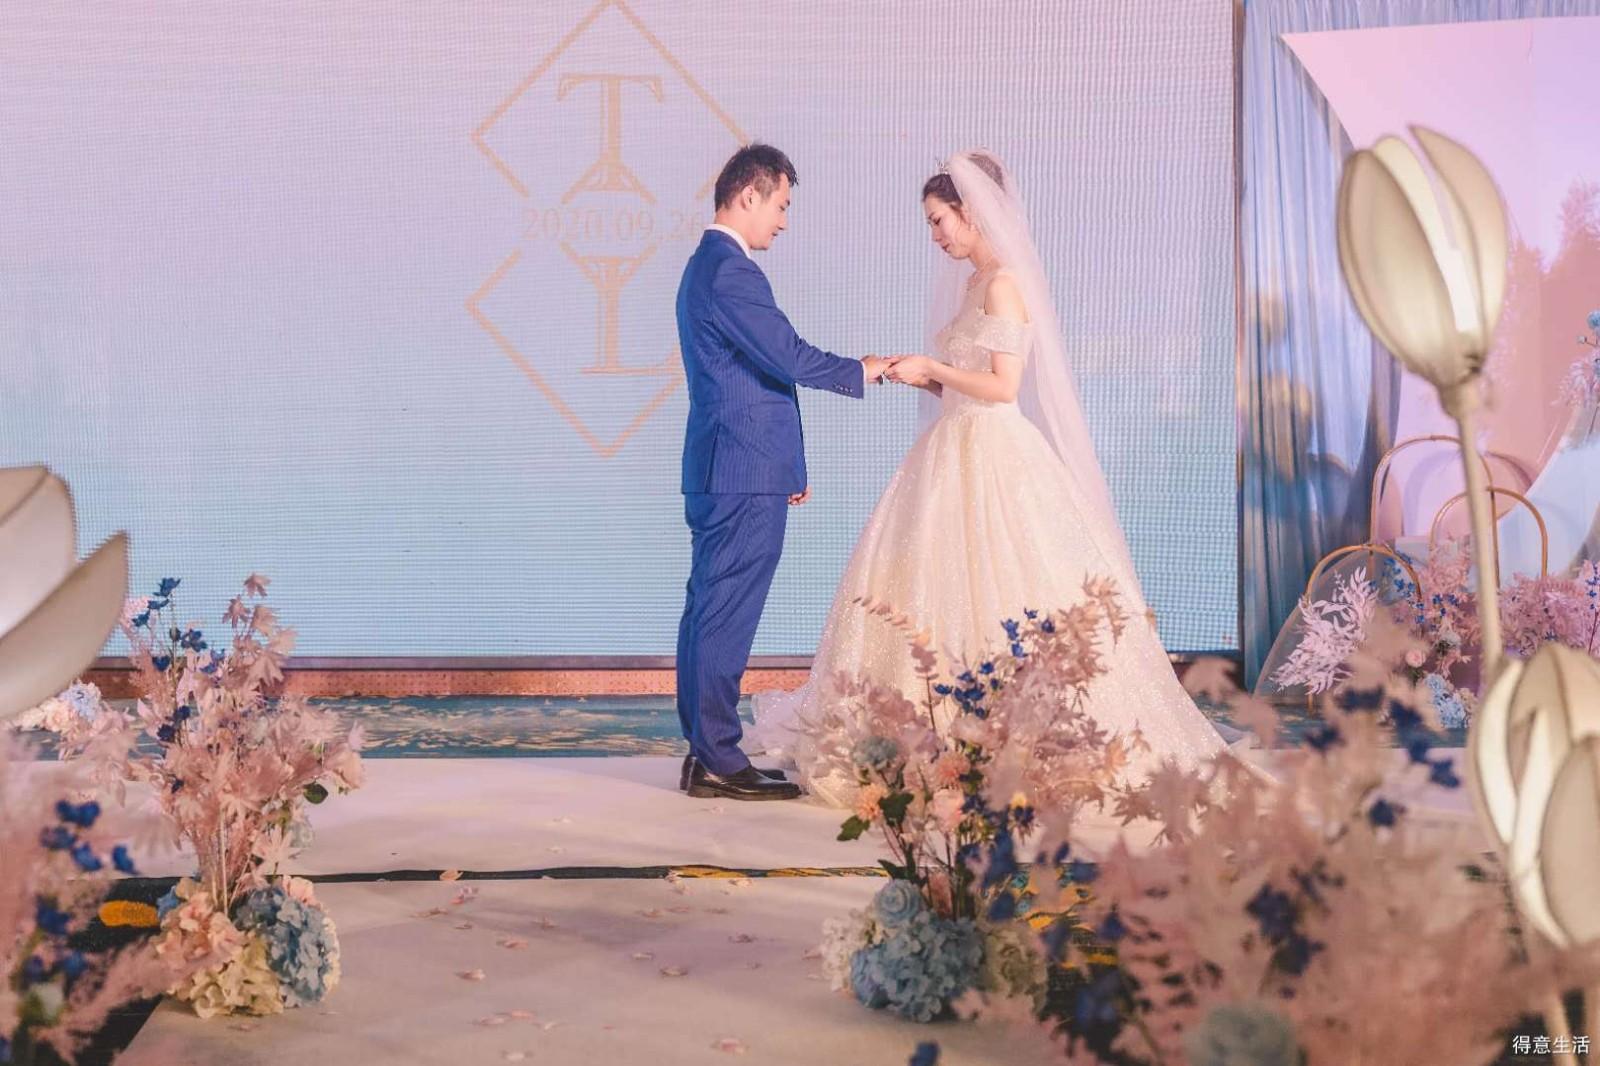 顺利完婚写个表扬帖!1.5万办婚礼,物美价廉的代表!